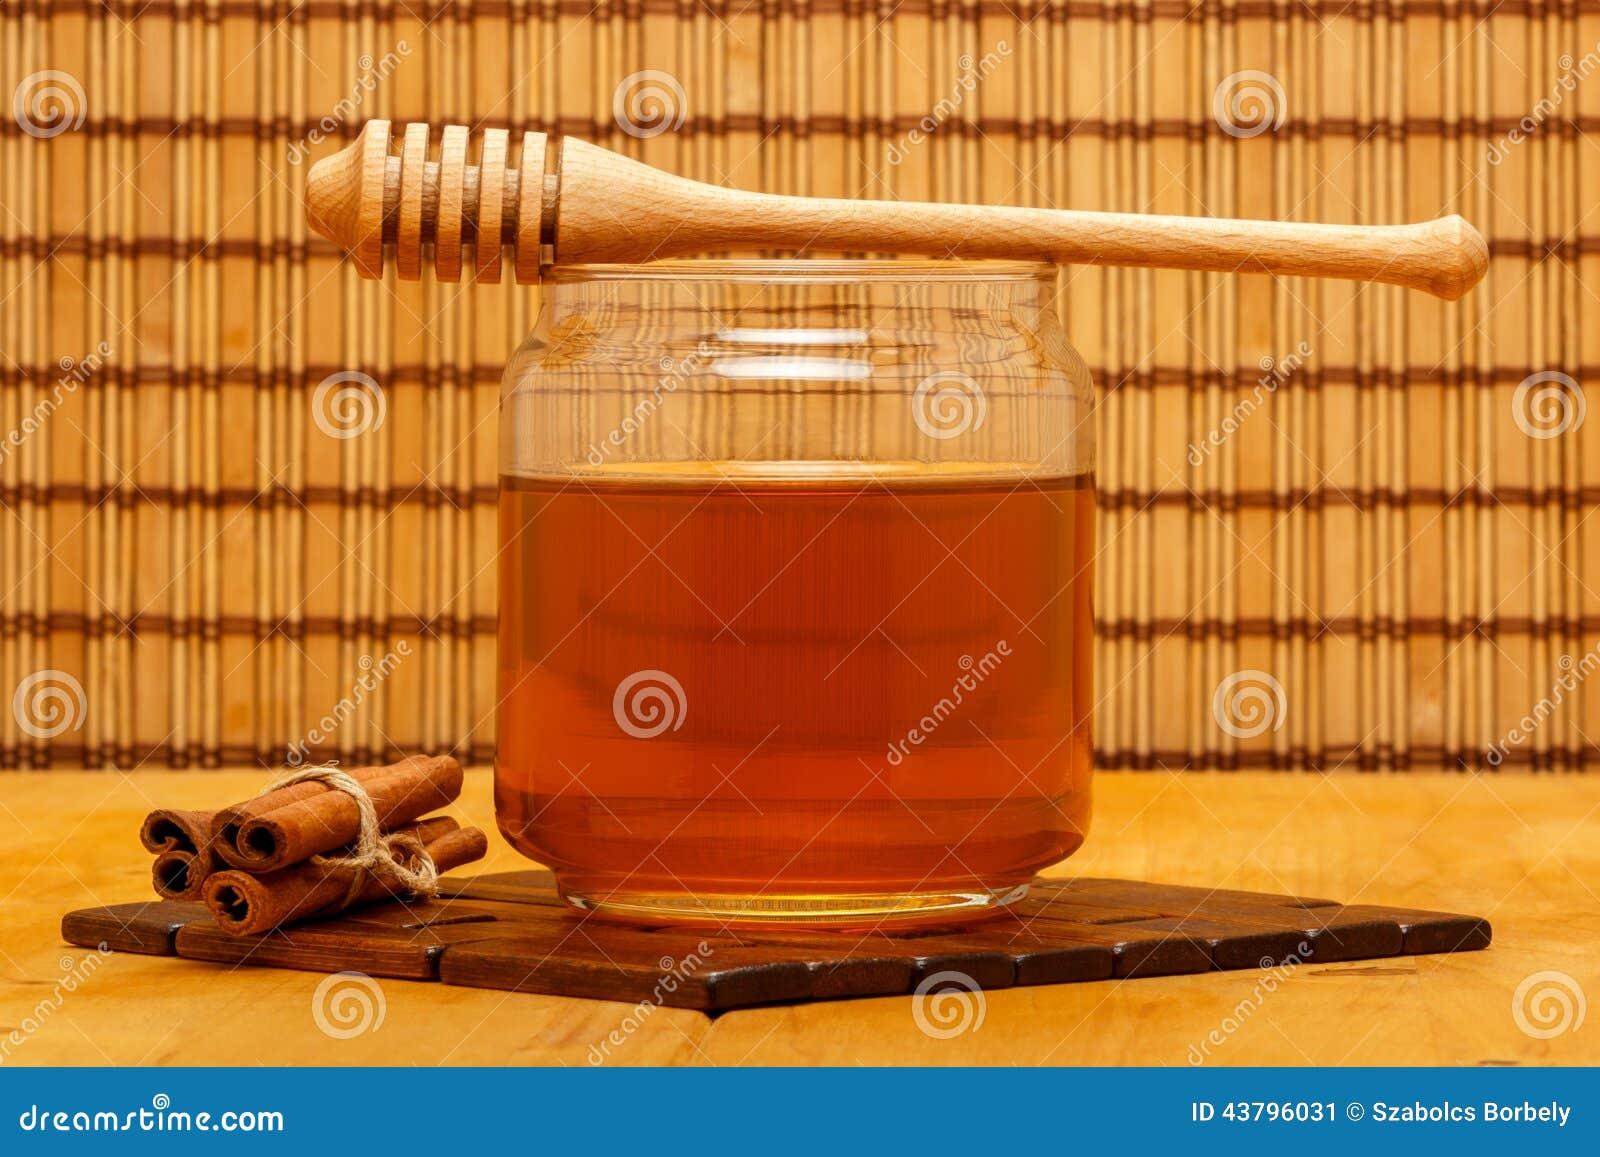 Μέλι στο βάζο με dipper και κανέλας τους φραγμούς